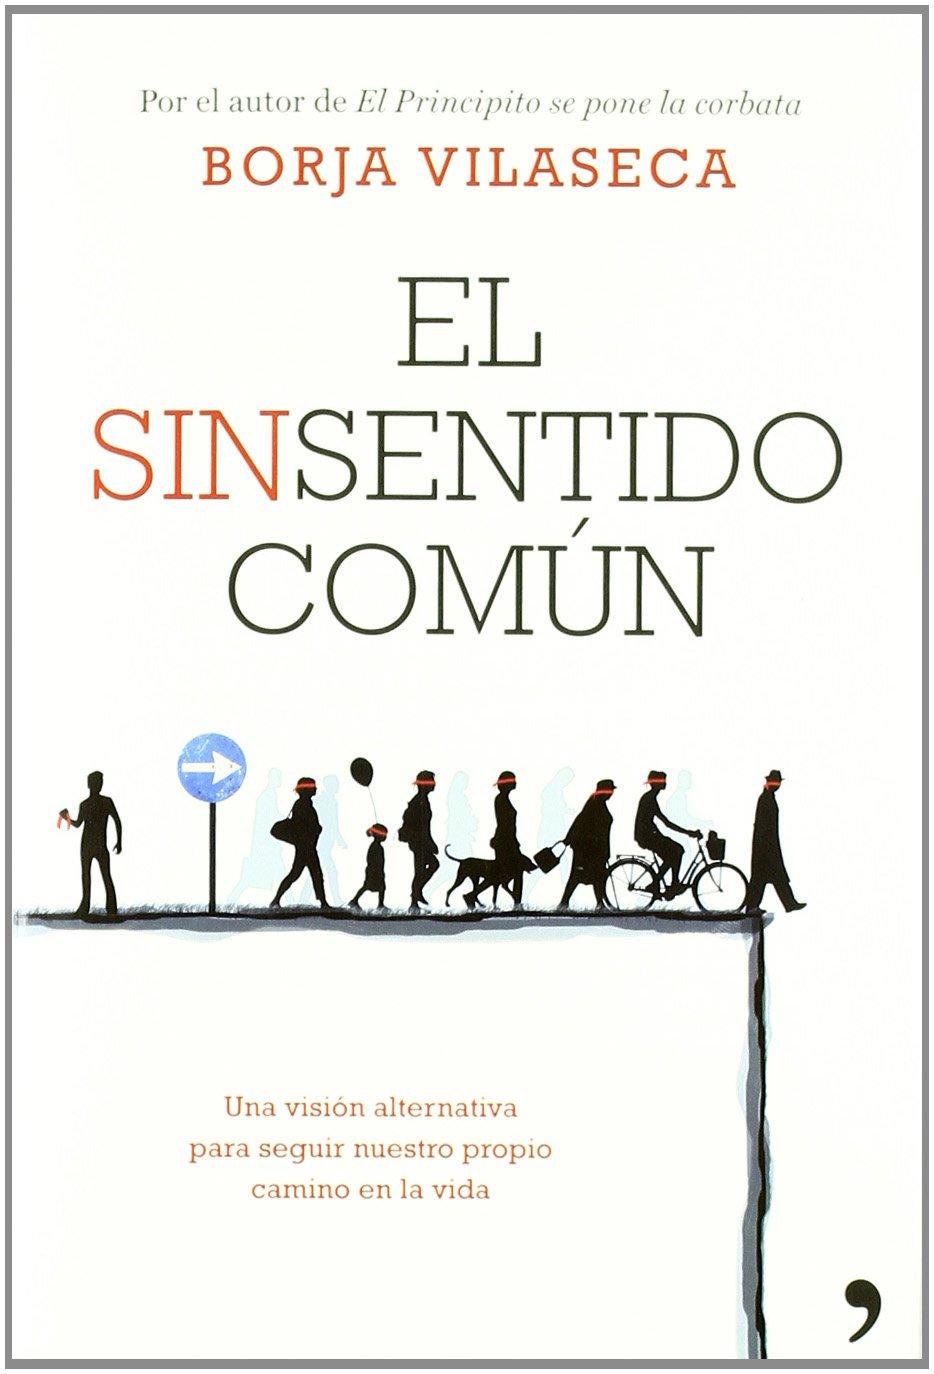 El sinsentido común : una visión alternativa para seguir nuestro propio  camino en la vida: Amazon.it: Borja Vilaseca Martorell: Libri in altre  lingue